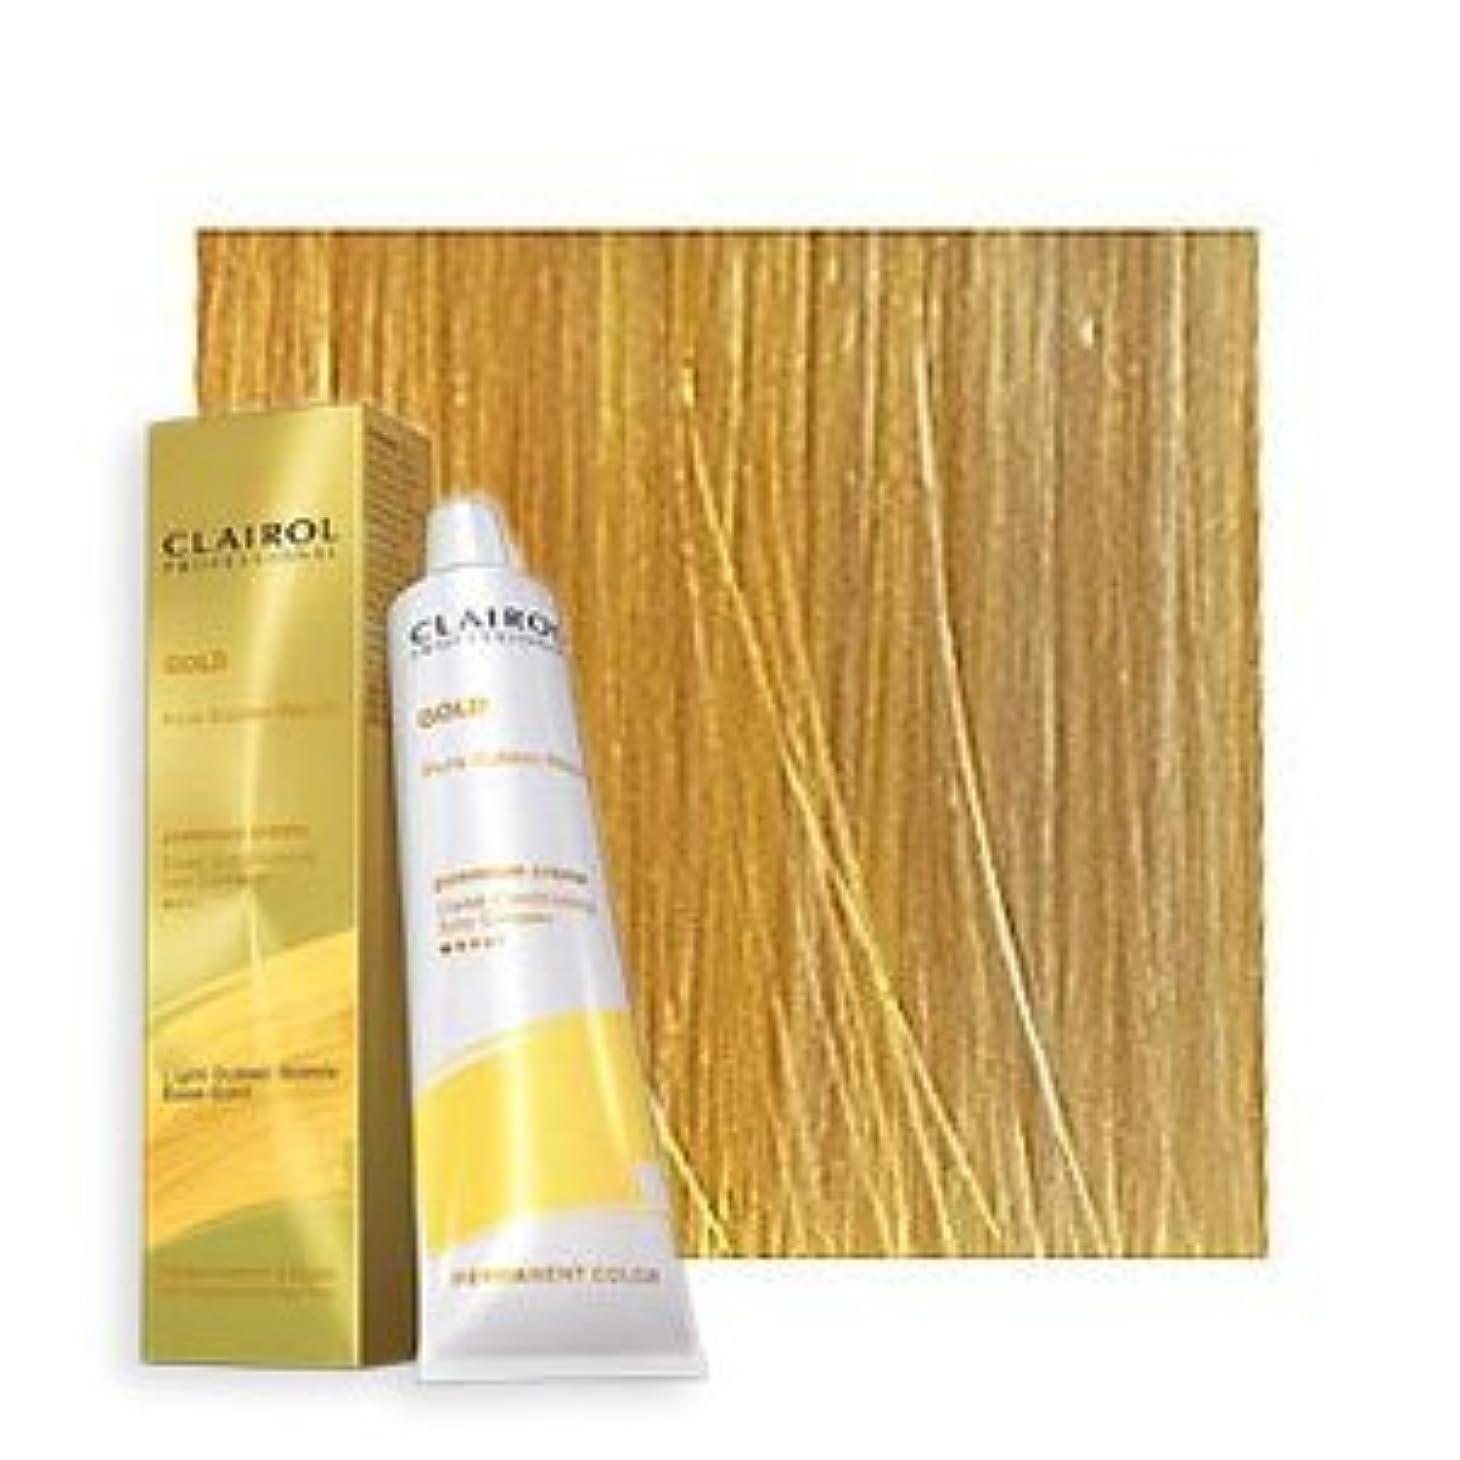 マニアック実現可能性孤独Clairol Professional - SOY4PLEX - Lightest Golden Blonde 10G - 2 oz / 57 g